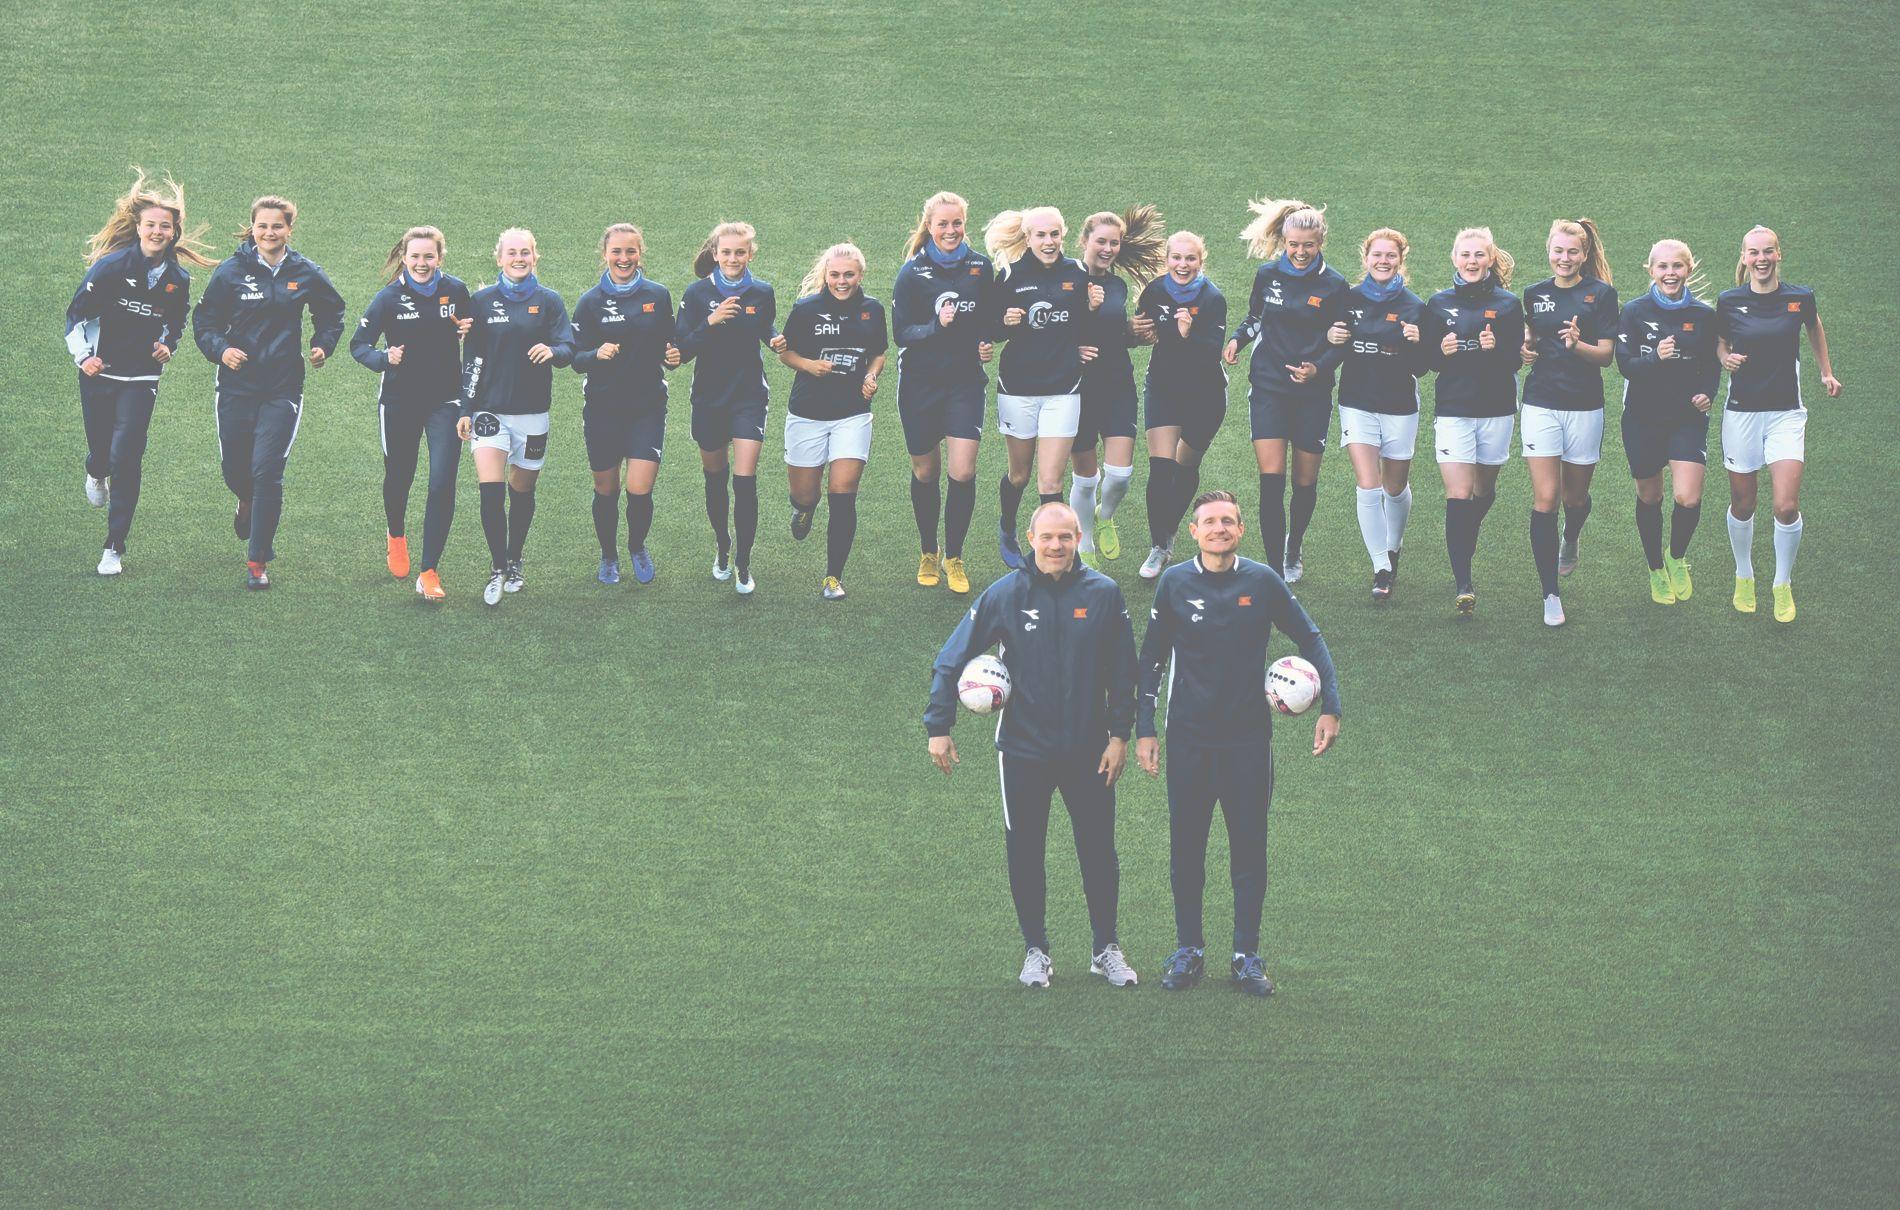 FREMADSTORMENDE: Egil Østenstad (til venstre) og Helge Aune foran Vikings unge kvinnelag, som kjemper for å rykke opp til 1. divisjon. Fra venstre: Helene Broch (16), Ina Kirkaune Sivertsen (17), Gina Ødegård, (17), Ingeborg Lye Skretting (16), Selma Løvås (15), Irene Dirdal (15), Sofie Austad Håland (18), Nora Heggheim (17), Oda Selbæk Bergjord (19), Lena Øksvang Risa (17), Jenni Heng Walaunet (17) og Mille Aune (16), Rebekka Galde (18), Hanne Sæthre Jakobsen (17), Marthe Dagestad Ragnvaldsen (19), Kaja Karlsen (17), Julie Merkesdal (20). Etter at dette bildet ble tatt har Kaja Karlsen gått til Klepp og fått sin debut i Toppserien.